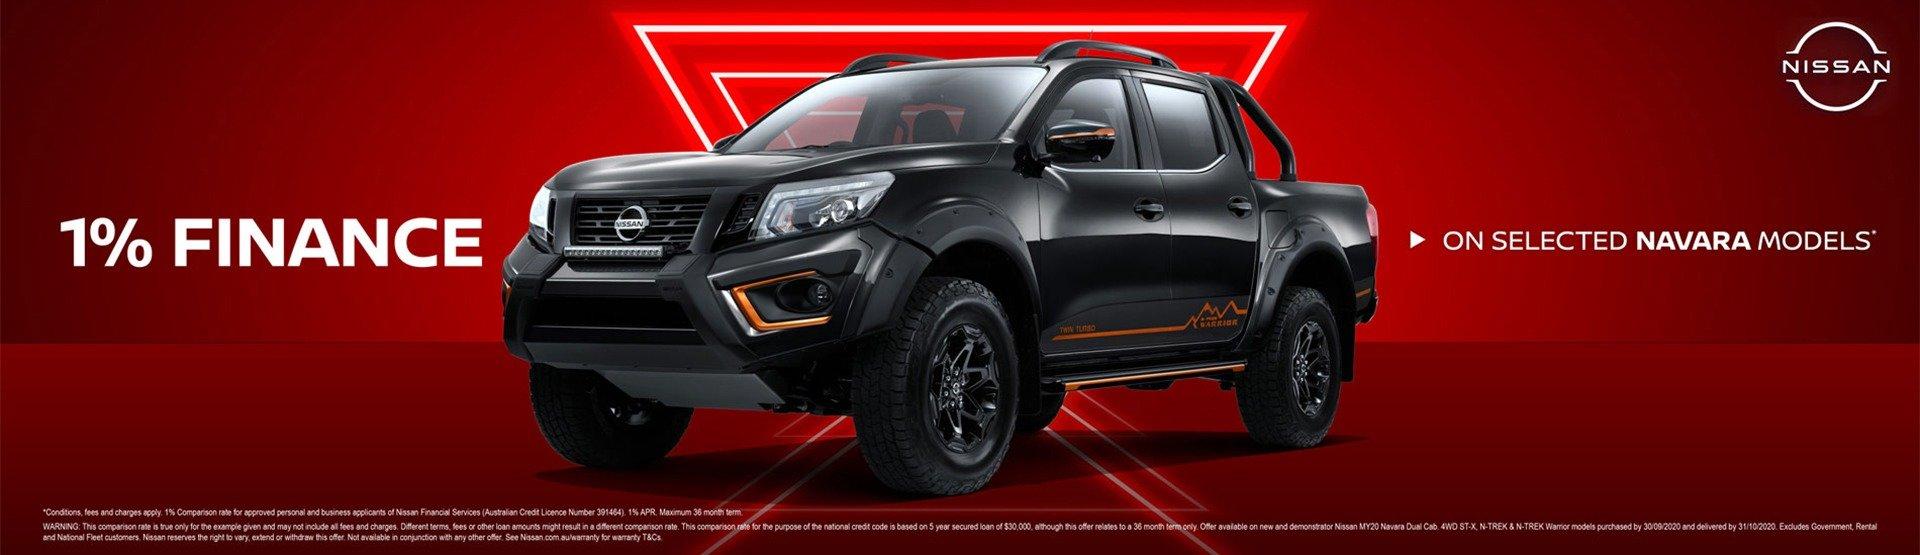 ParryNQ Nissan - 1% Navara Finance offer